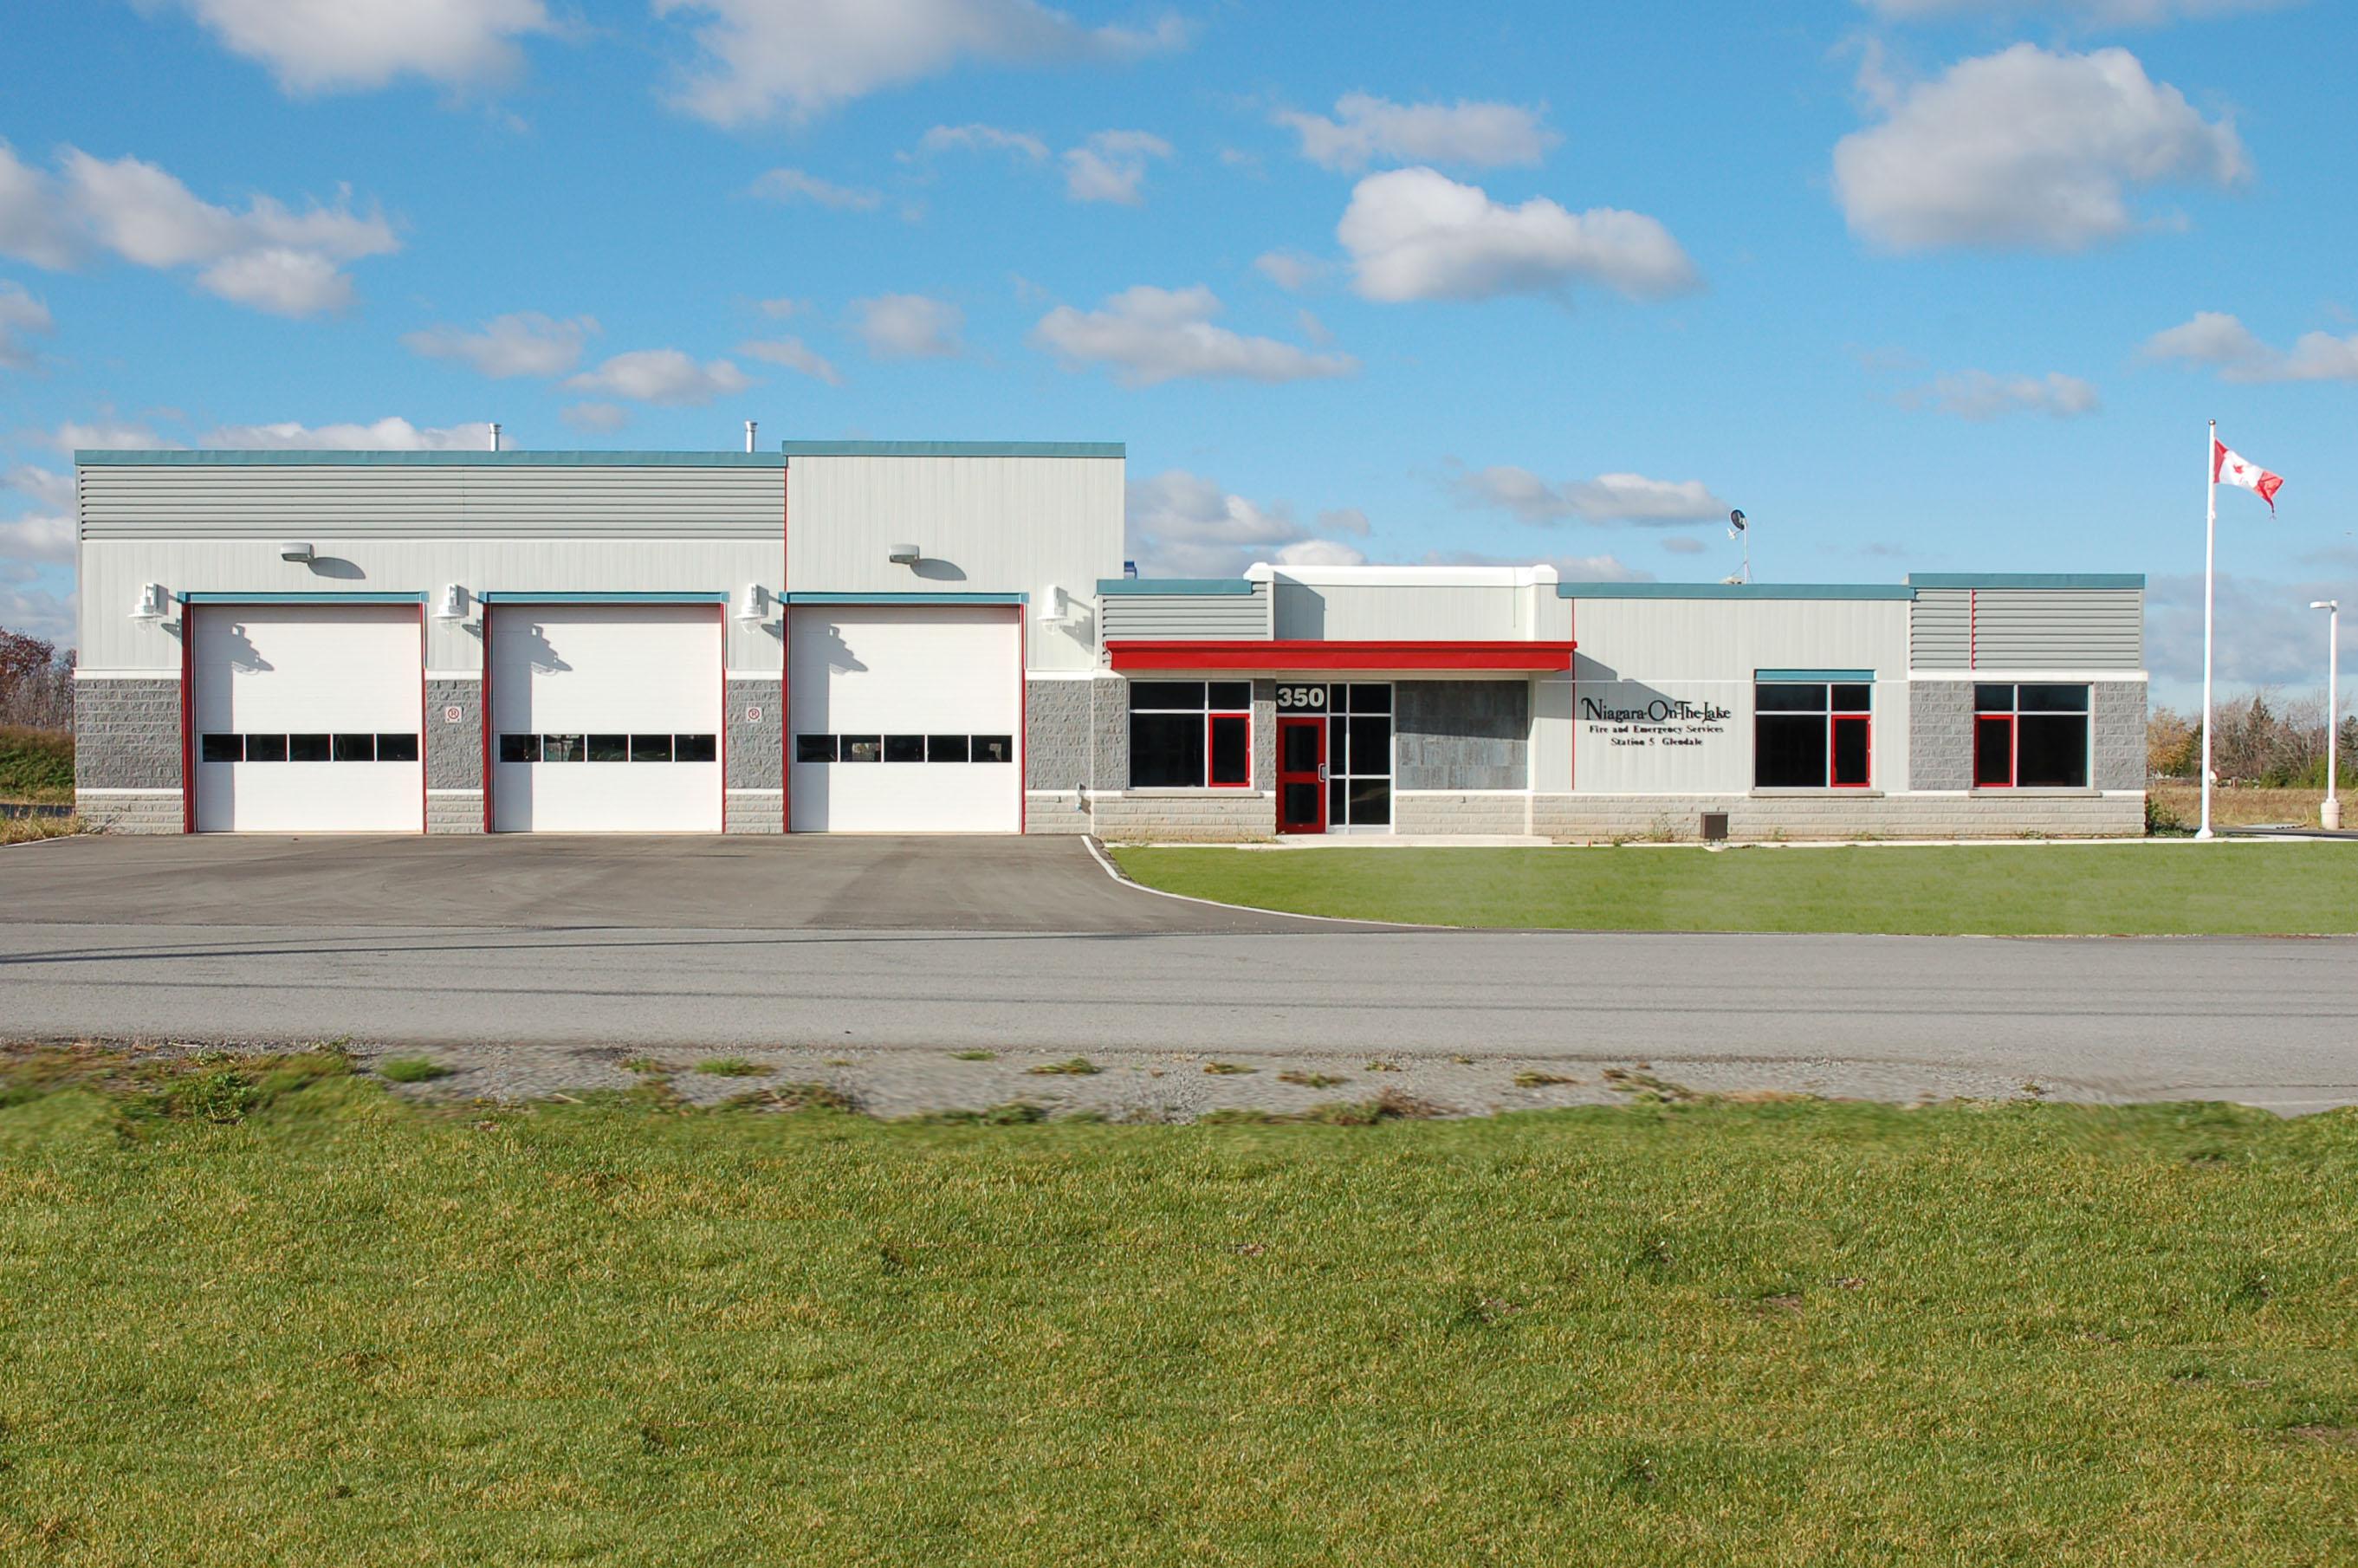 Glendale Fire Station No. 5